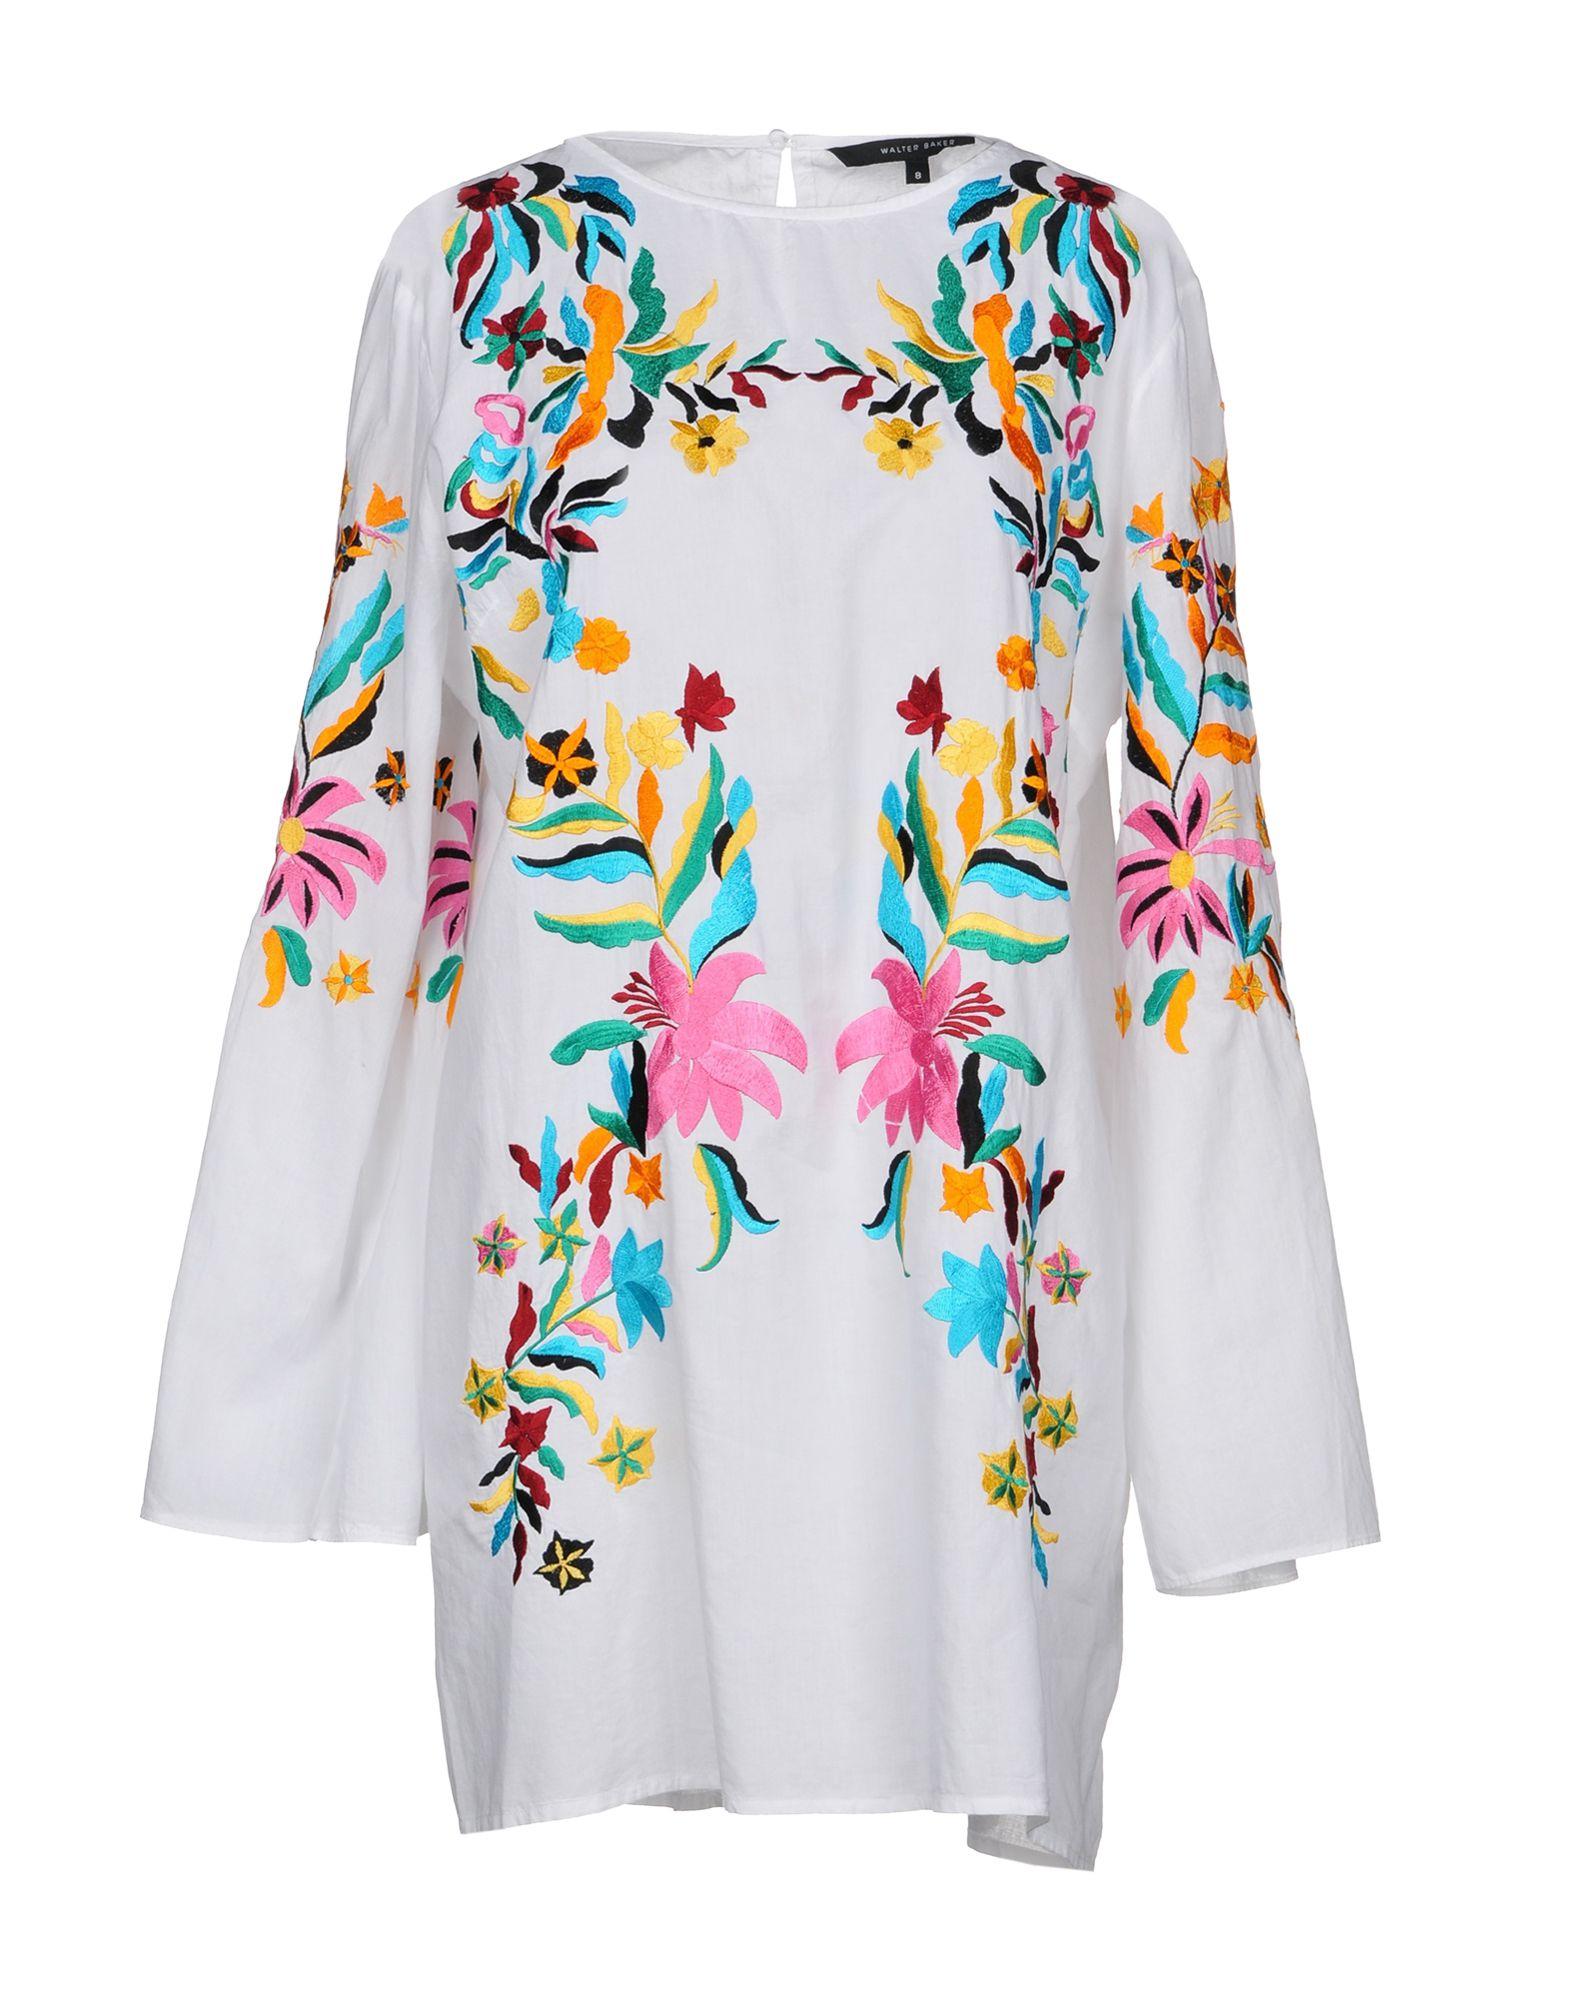 WALTER BAKER Short Dress in White